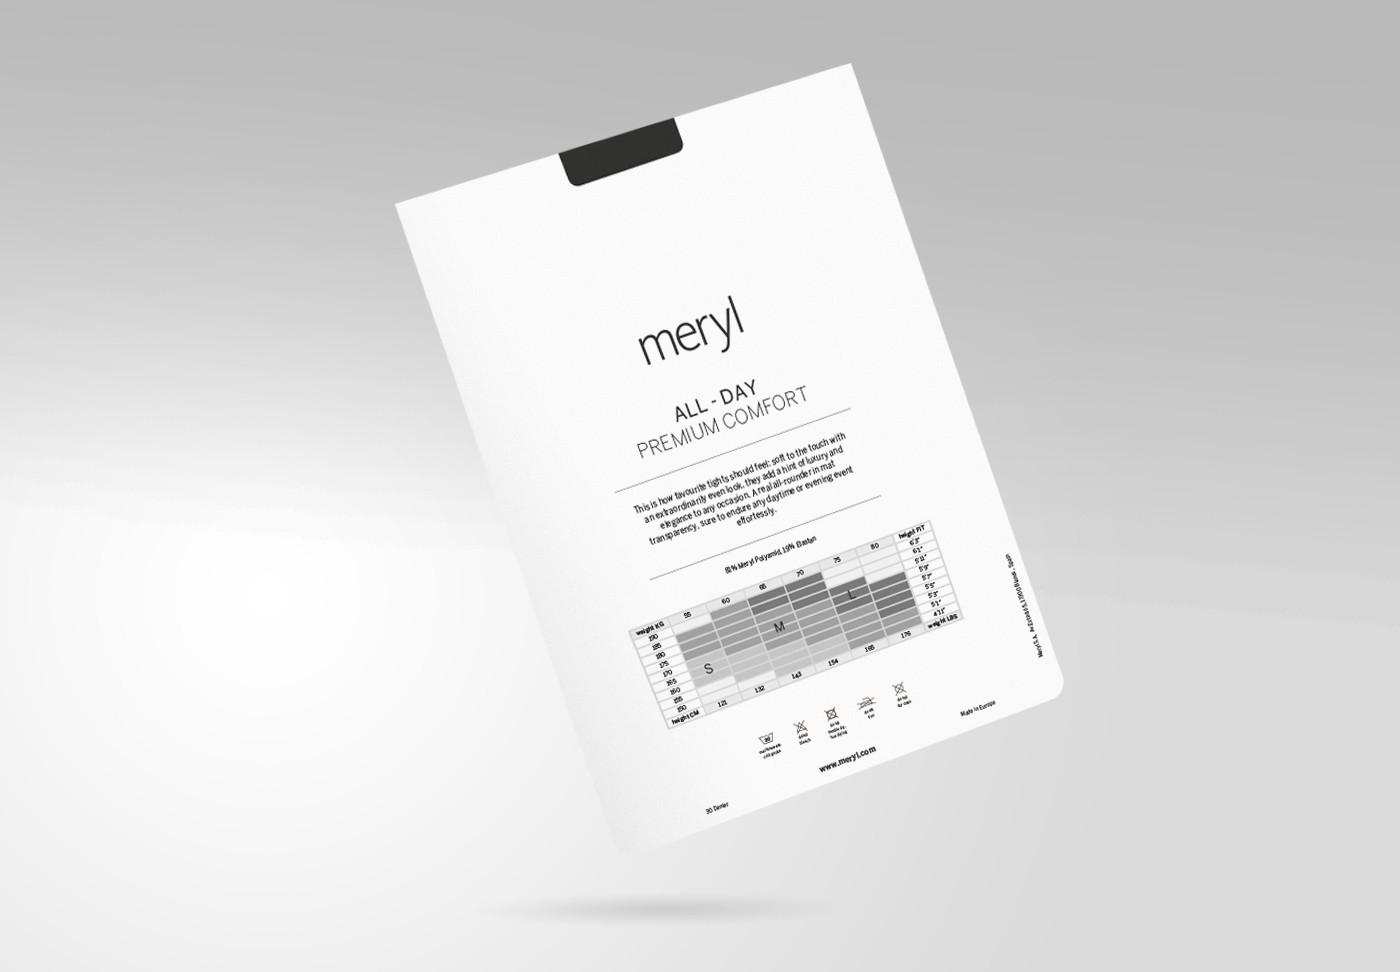 media_3